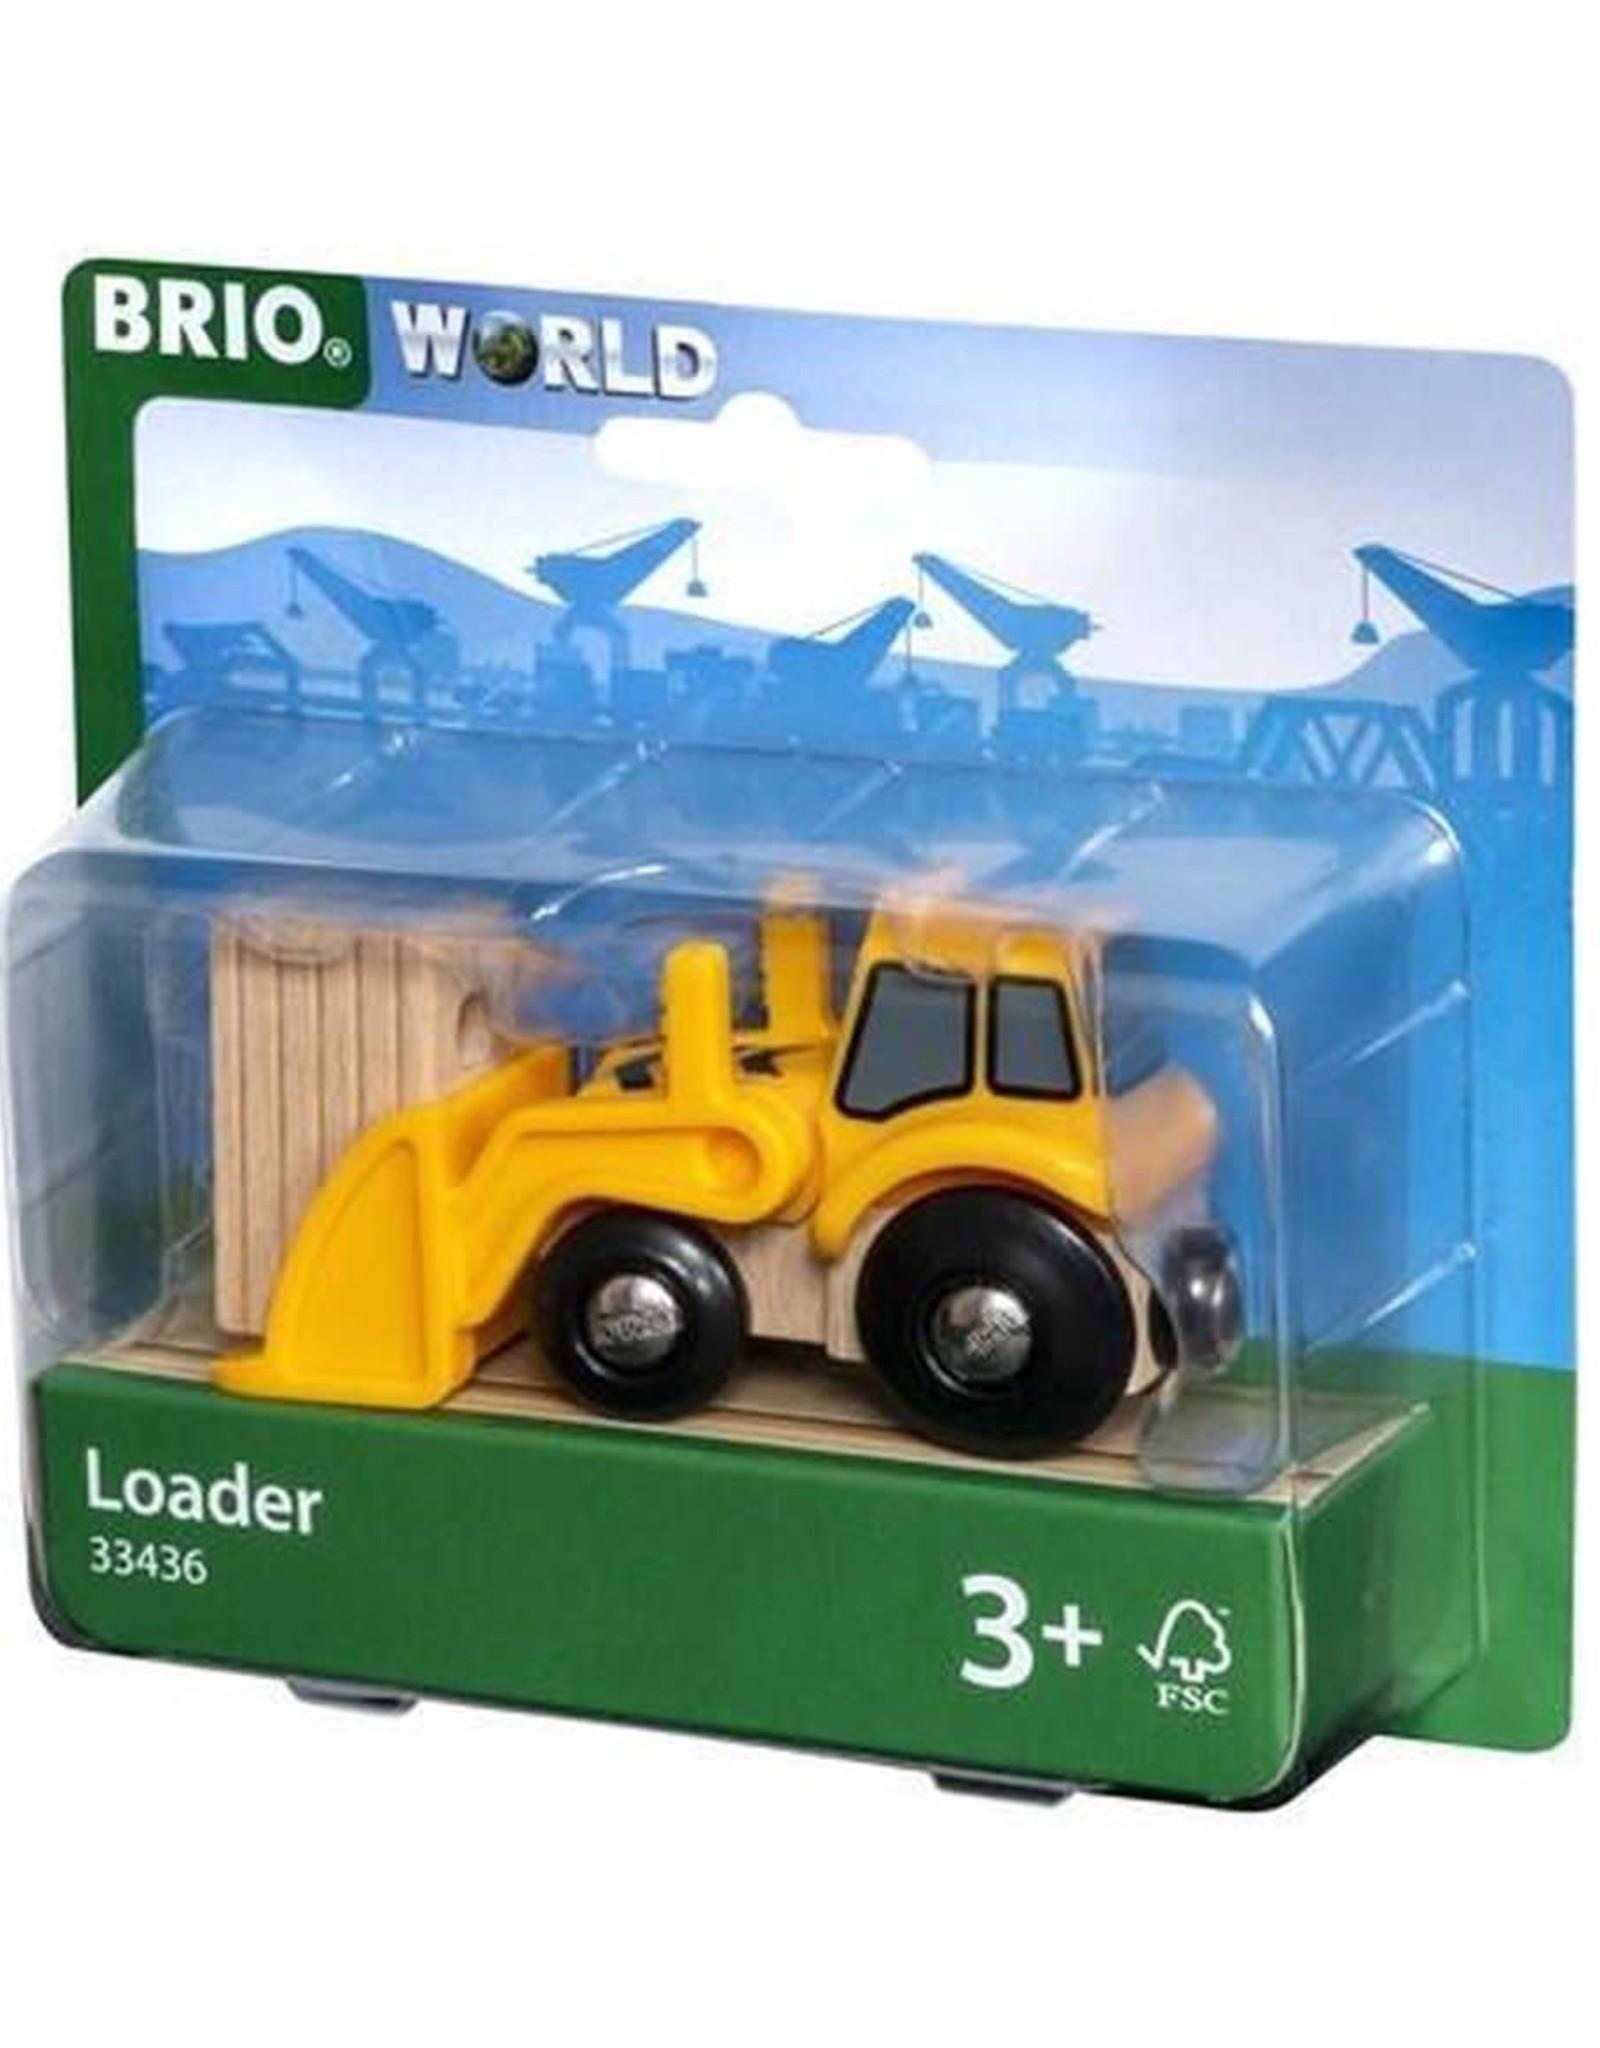 Brio Loader